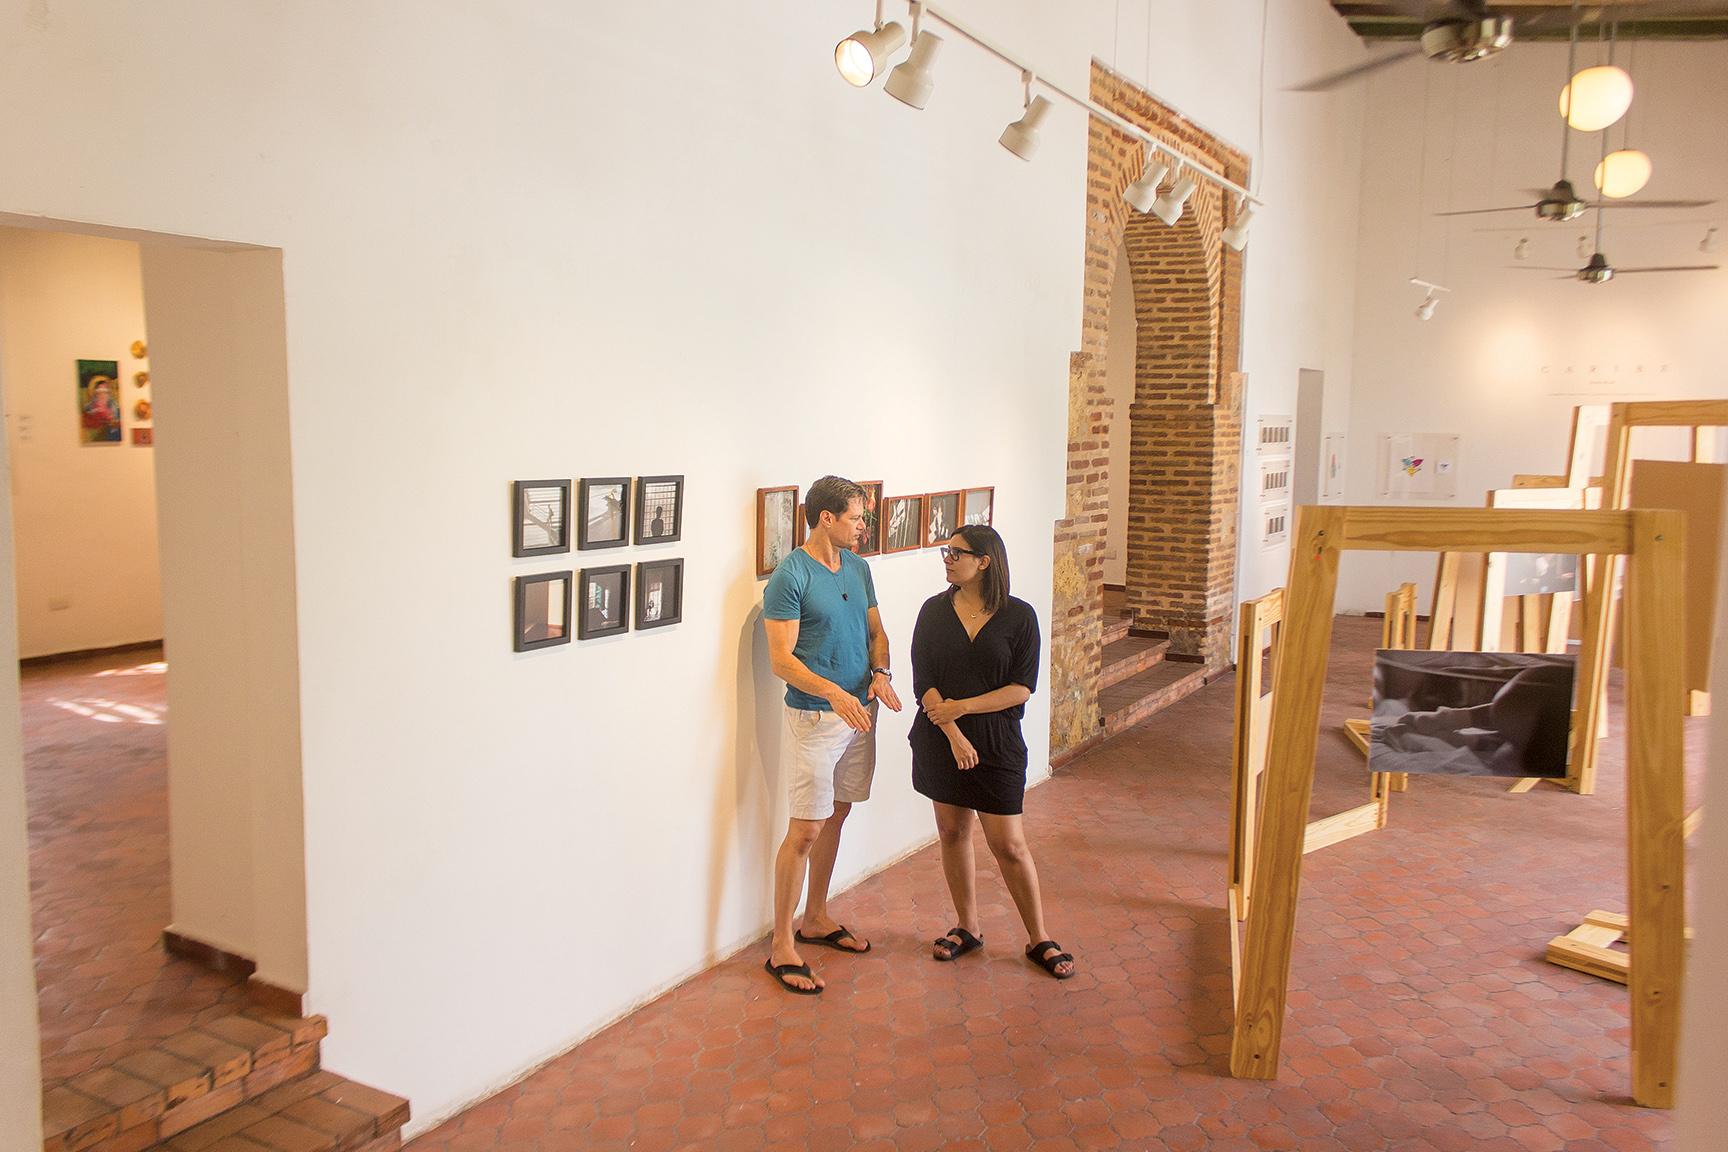 Amy Hussein y Raúl Miyar junto a la instalación fotográfica de Karla Read,  Caribe . Fotografía por Carlos Rodríguez.